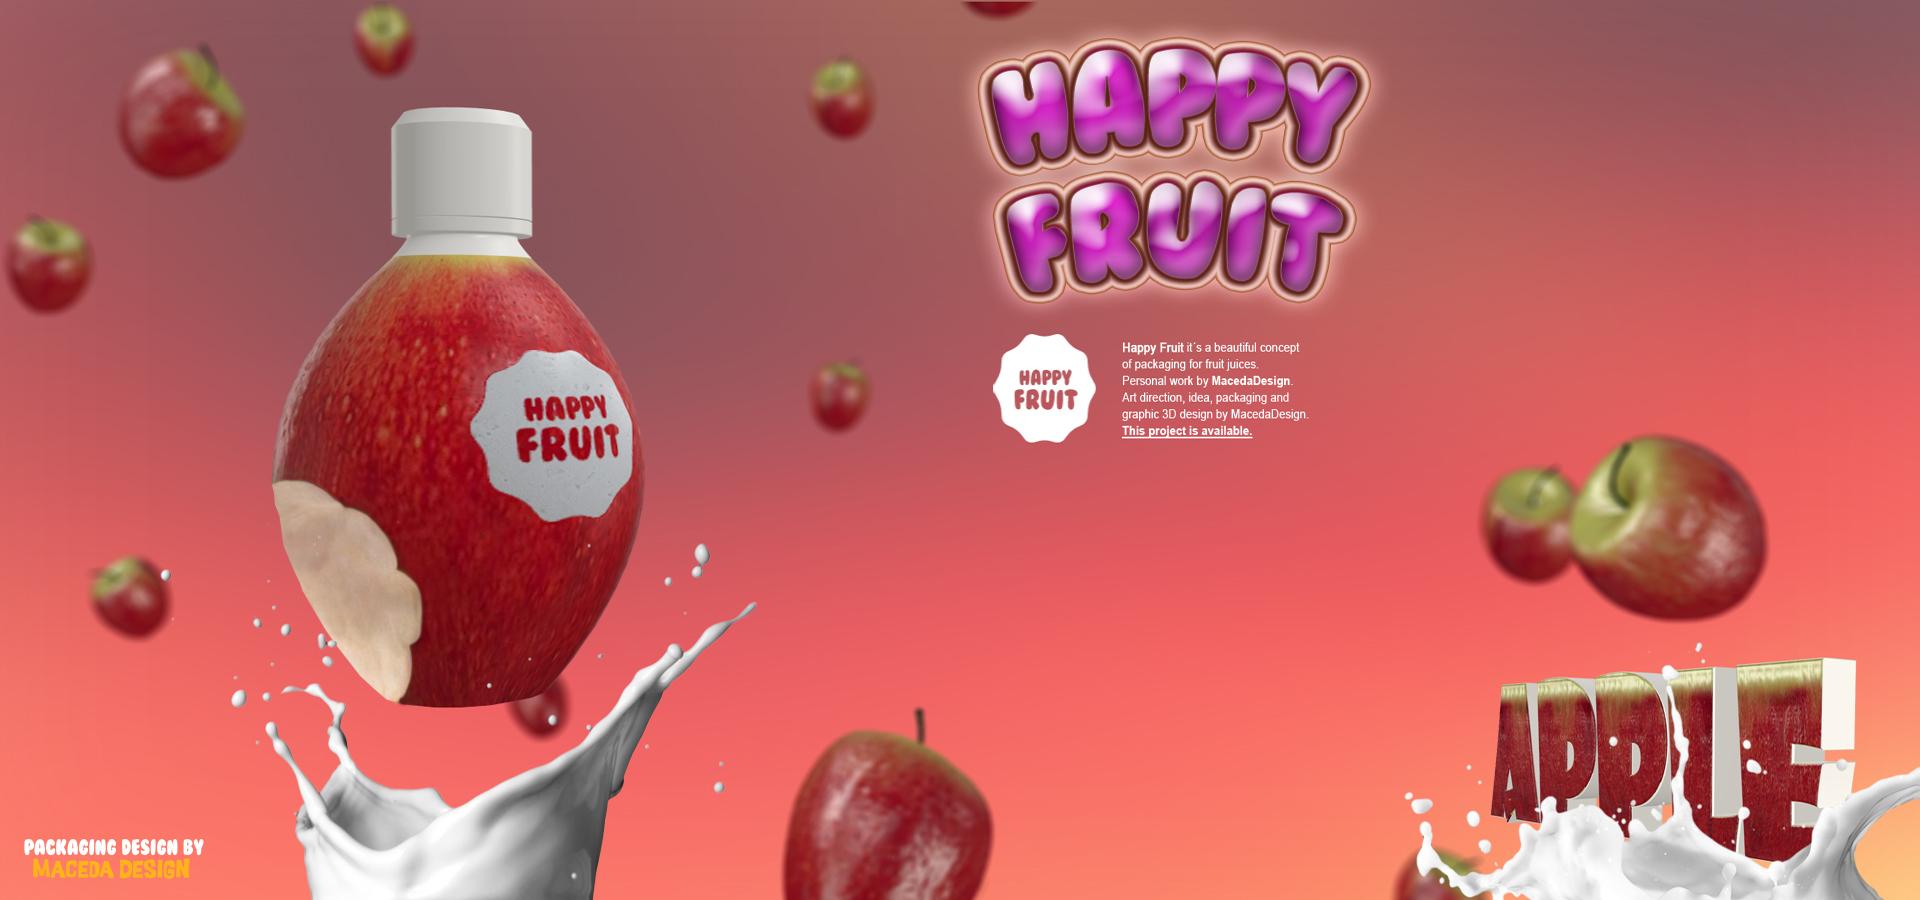 Happy Fruit Packaging